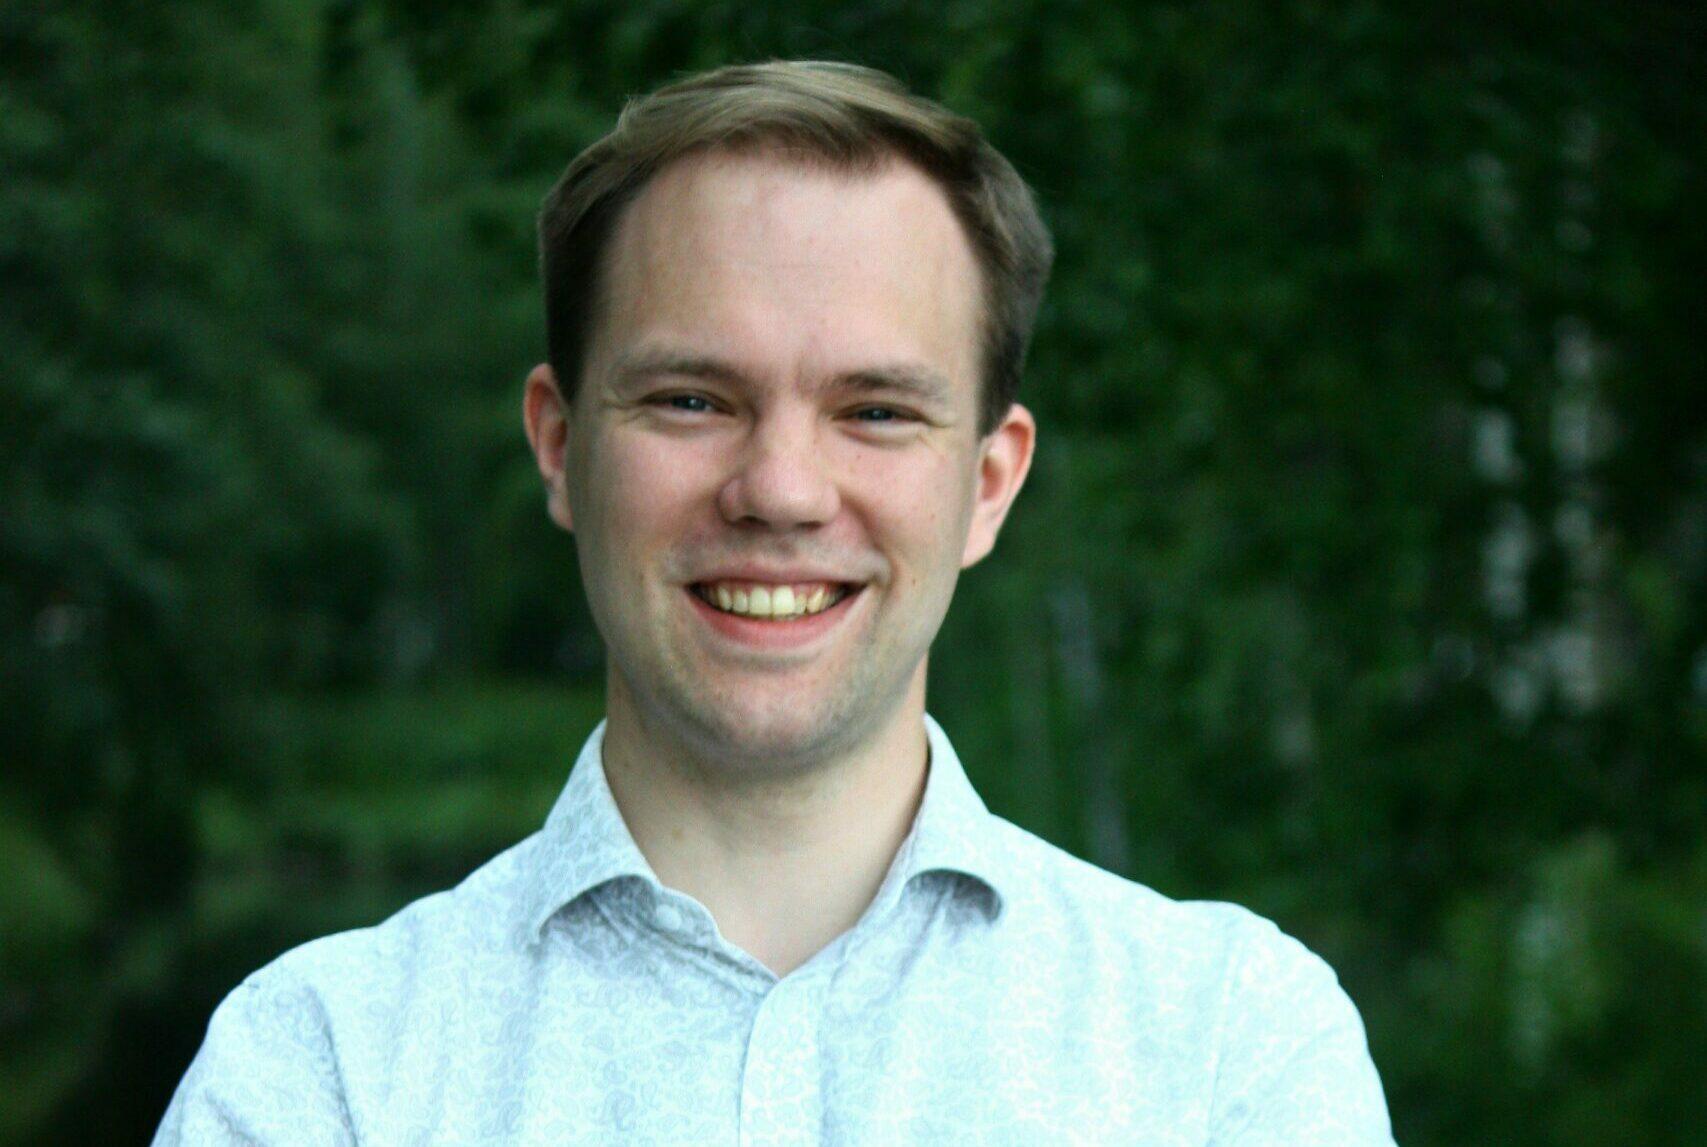 Sakari Tuomisto hymyilee kuvassa, hänellä on päällään valkoinen kauluspaita ja kädet ovat ristittynä rinnalla.